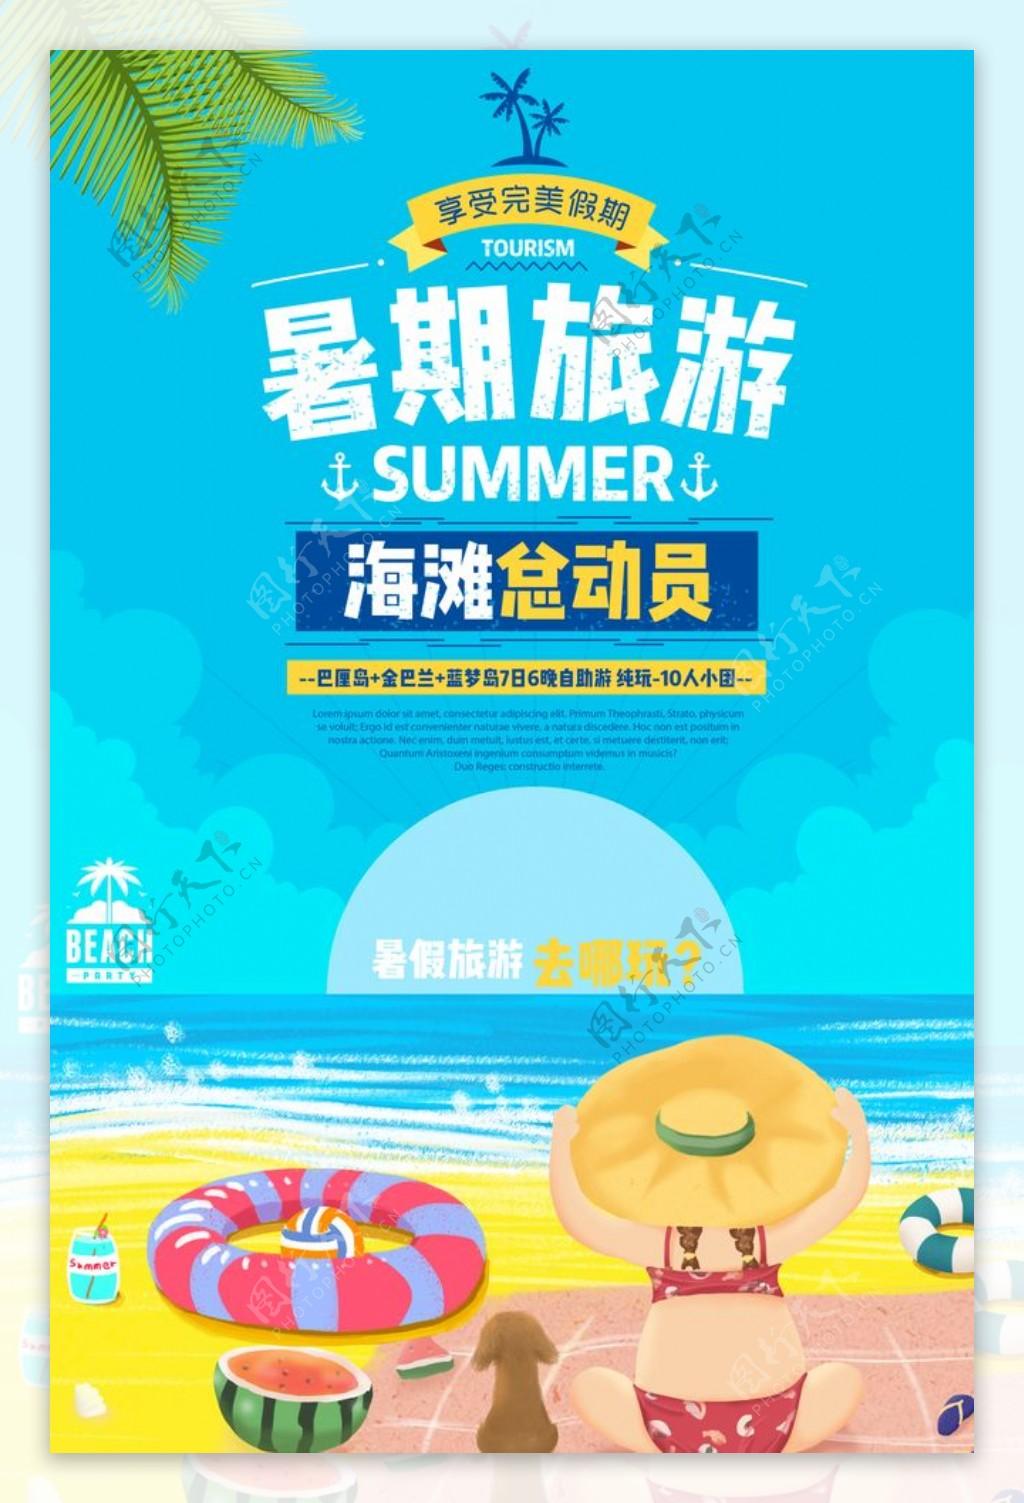 暑期旅游旅行活动海报素材图片